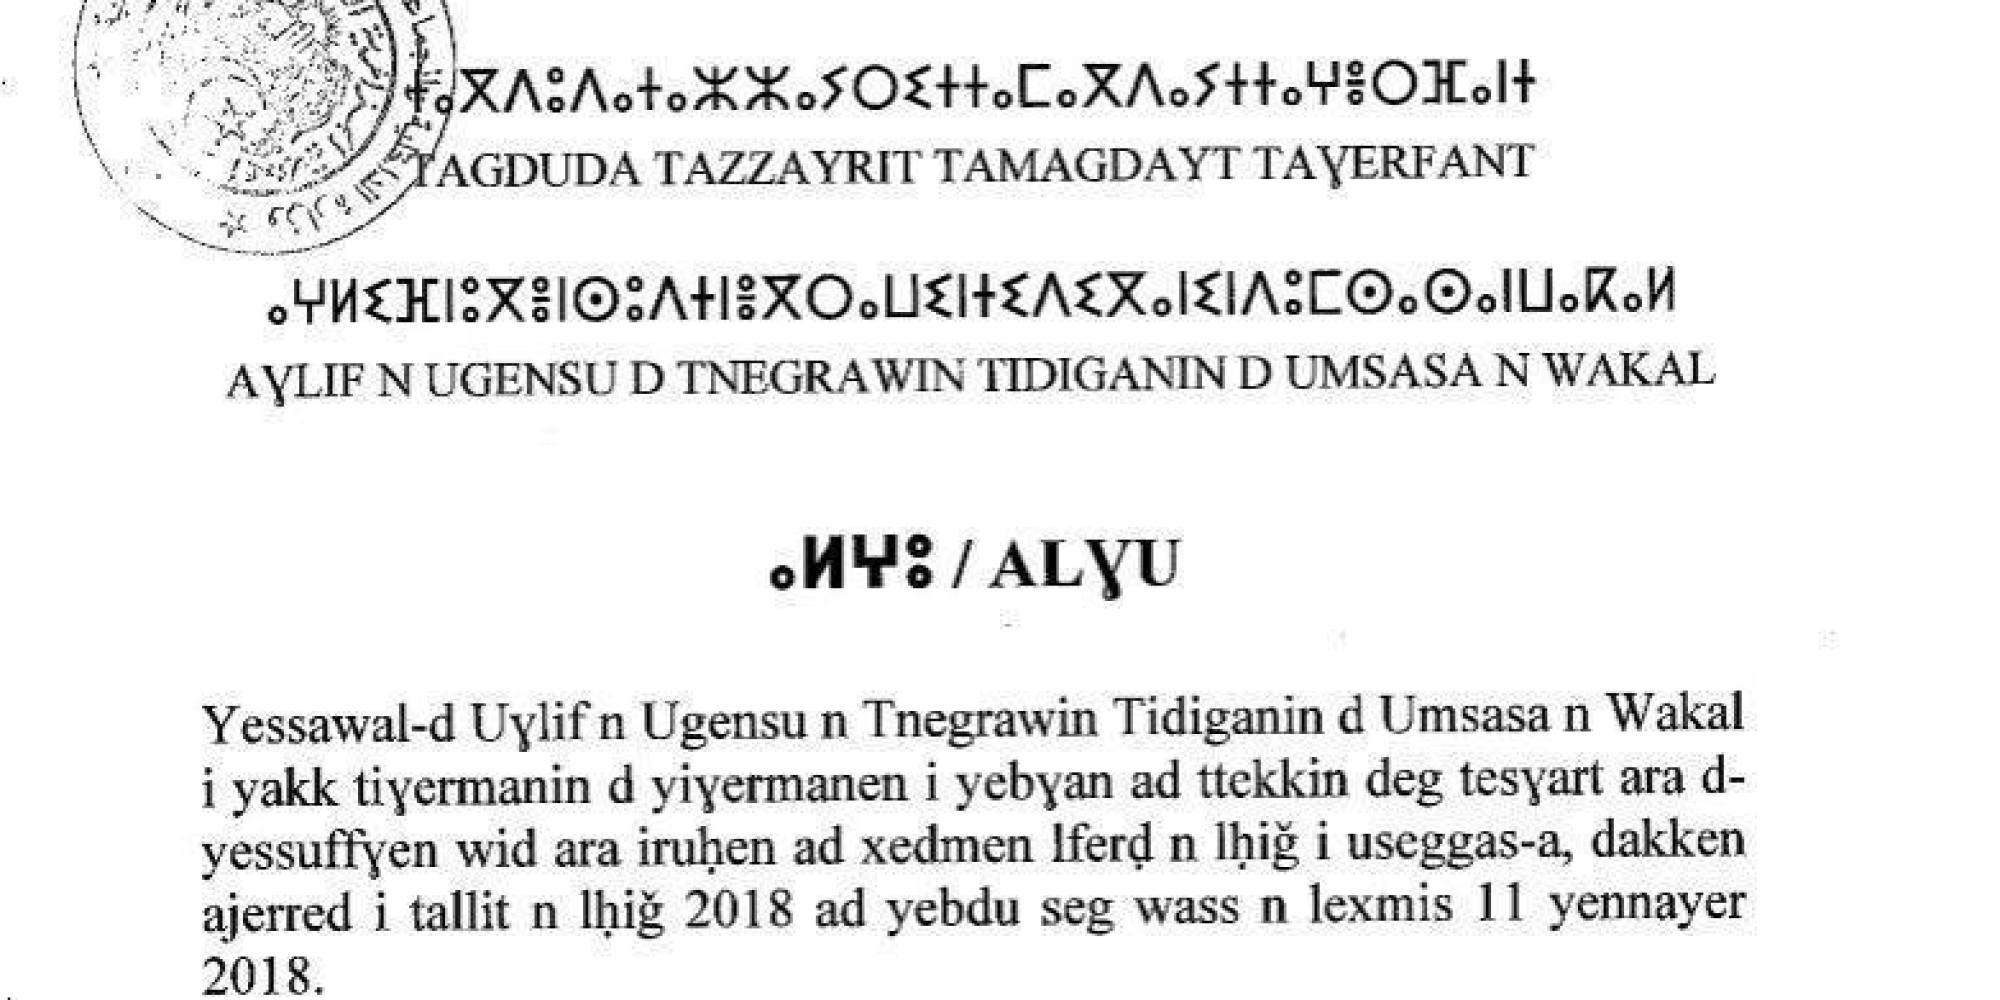 le minist 232 re de l int 233 rieur 233 met un communiqu 233 en tamazight